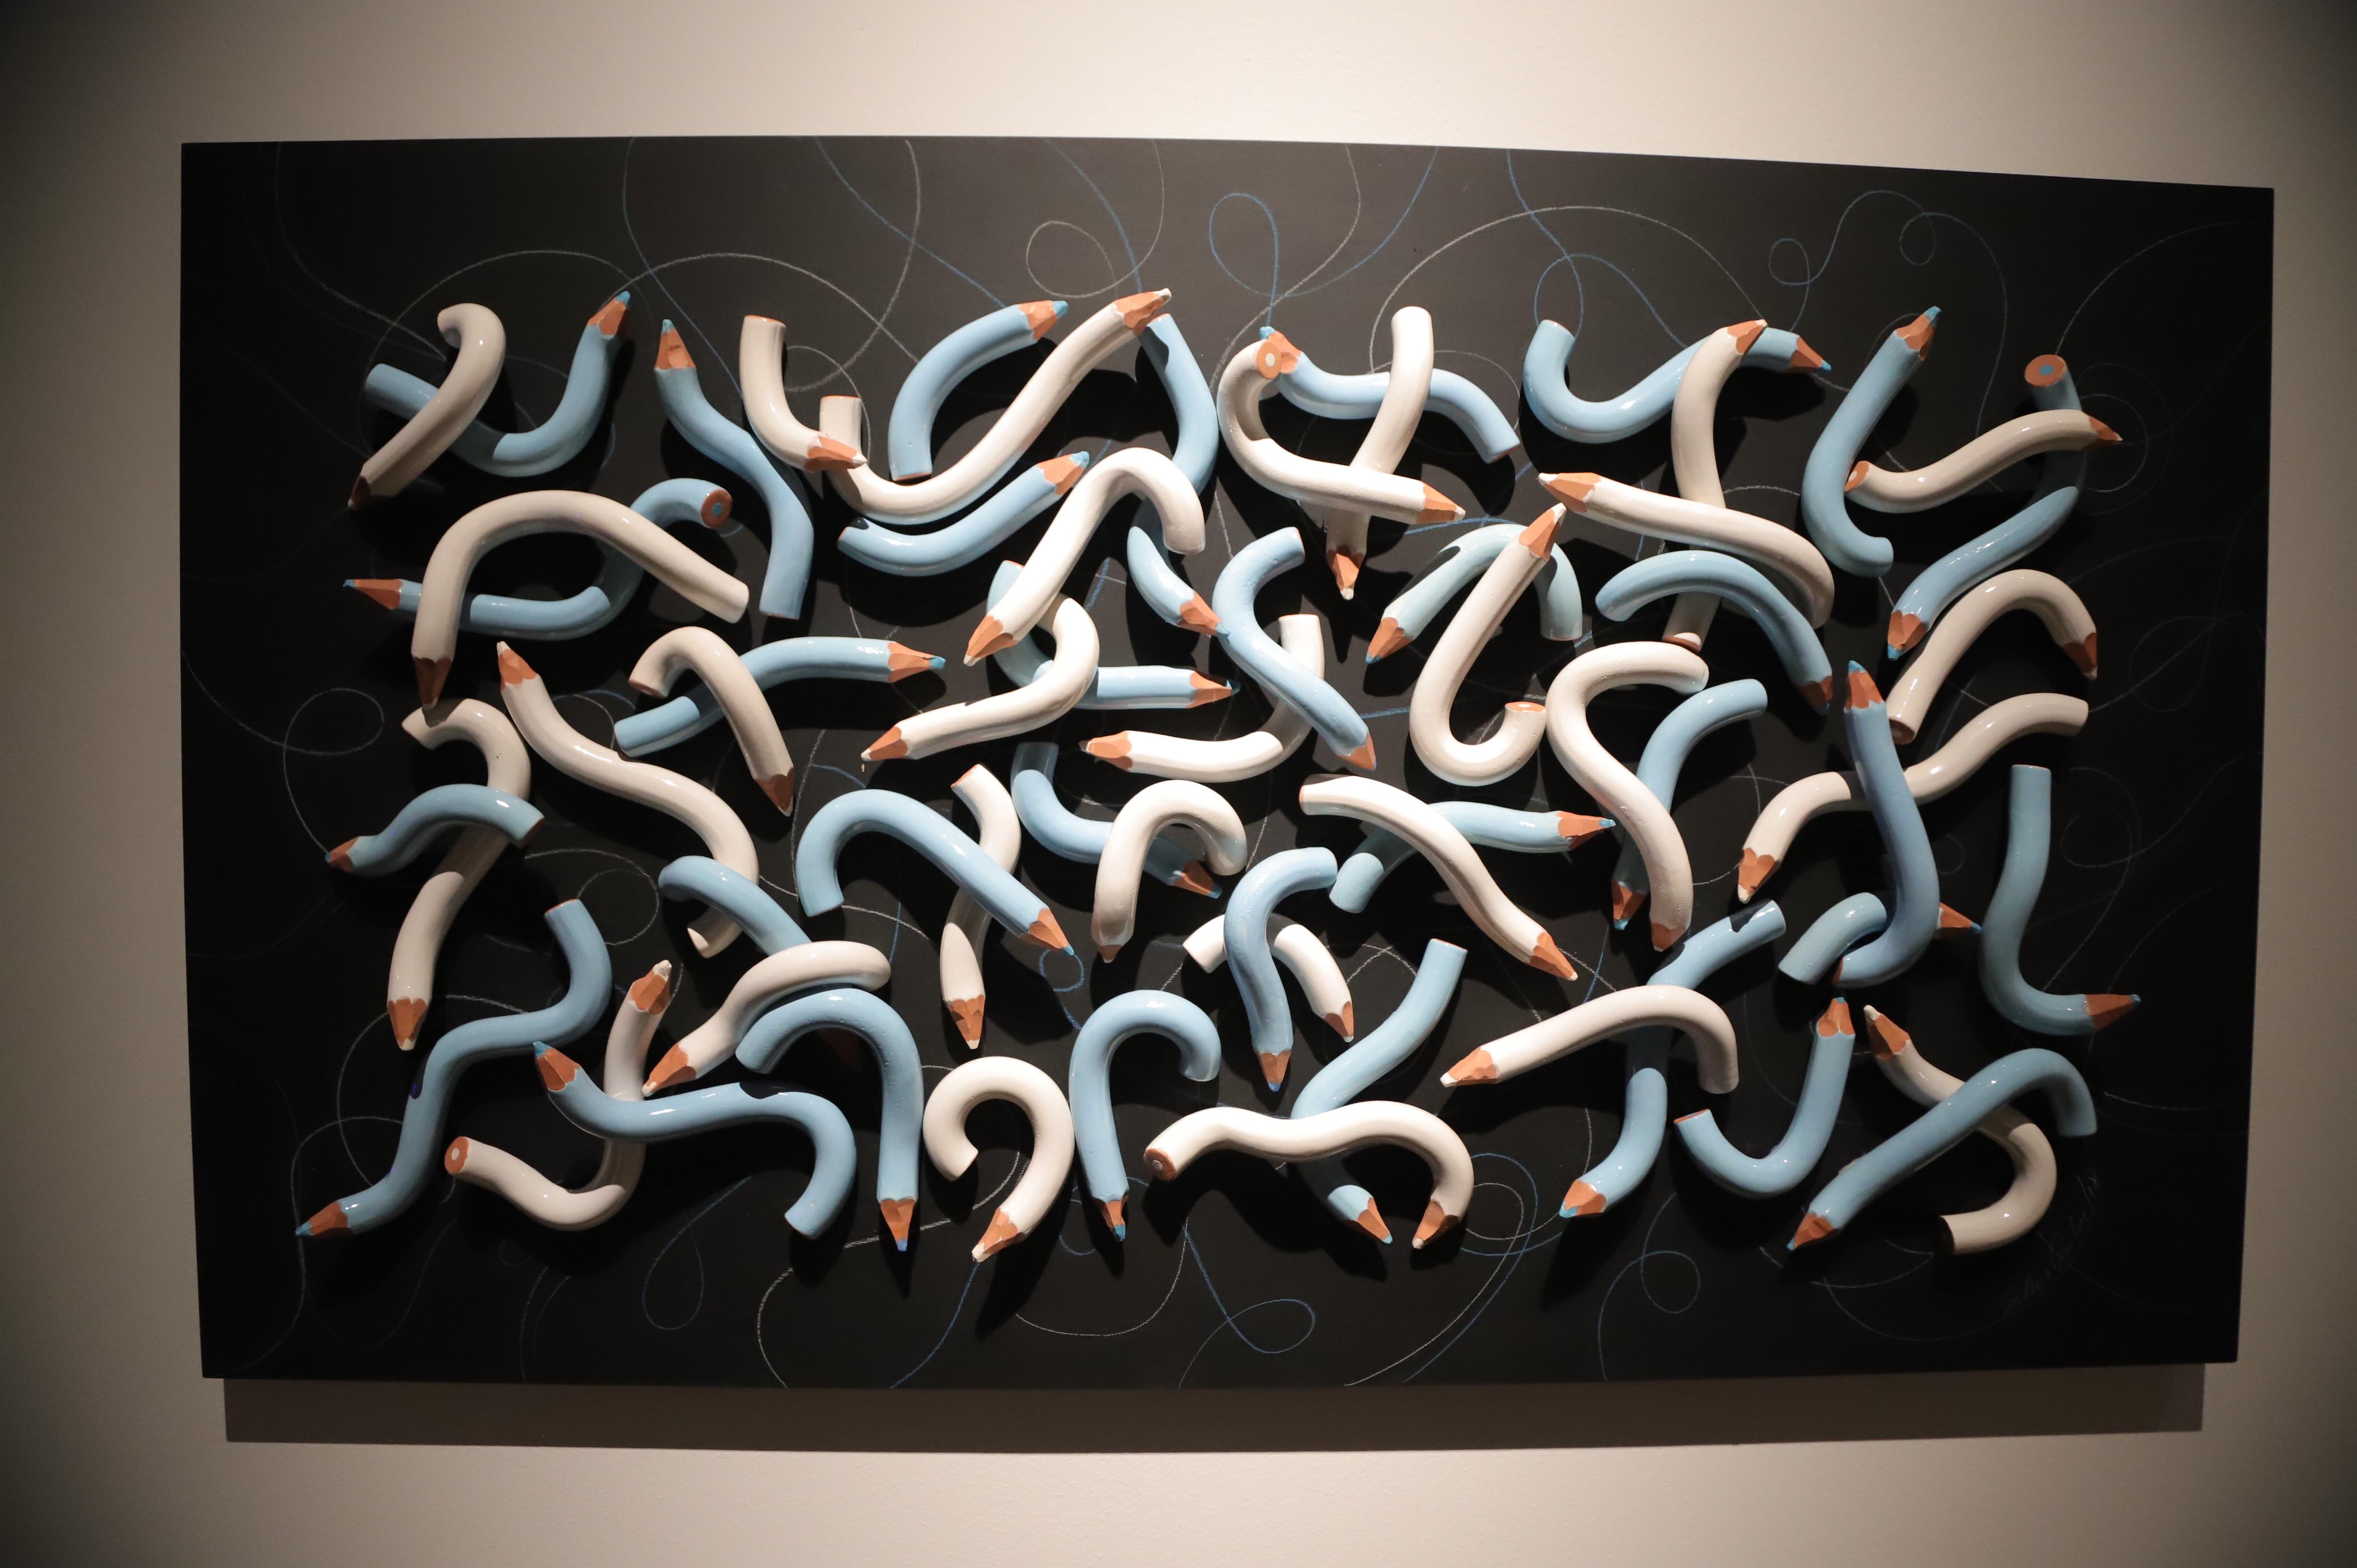 La obra de Silvia Carbone